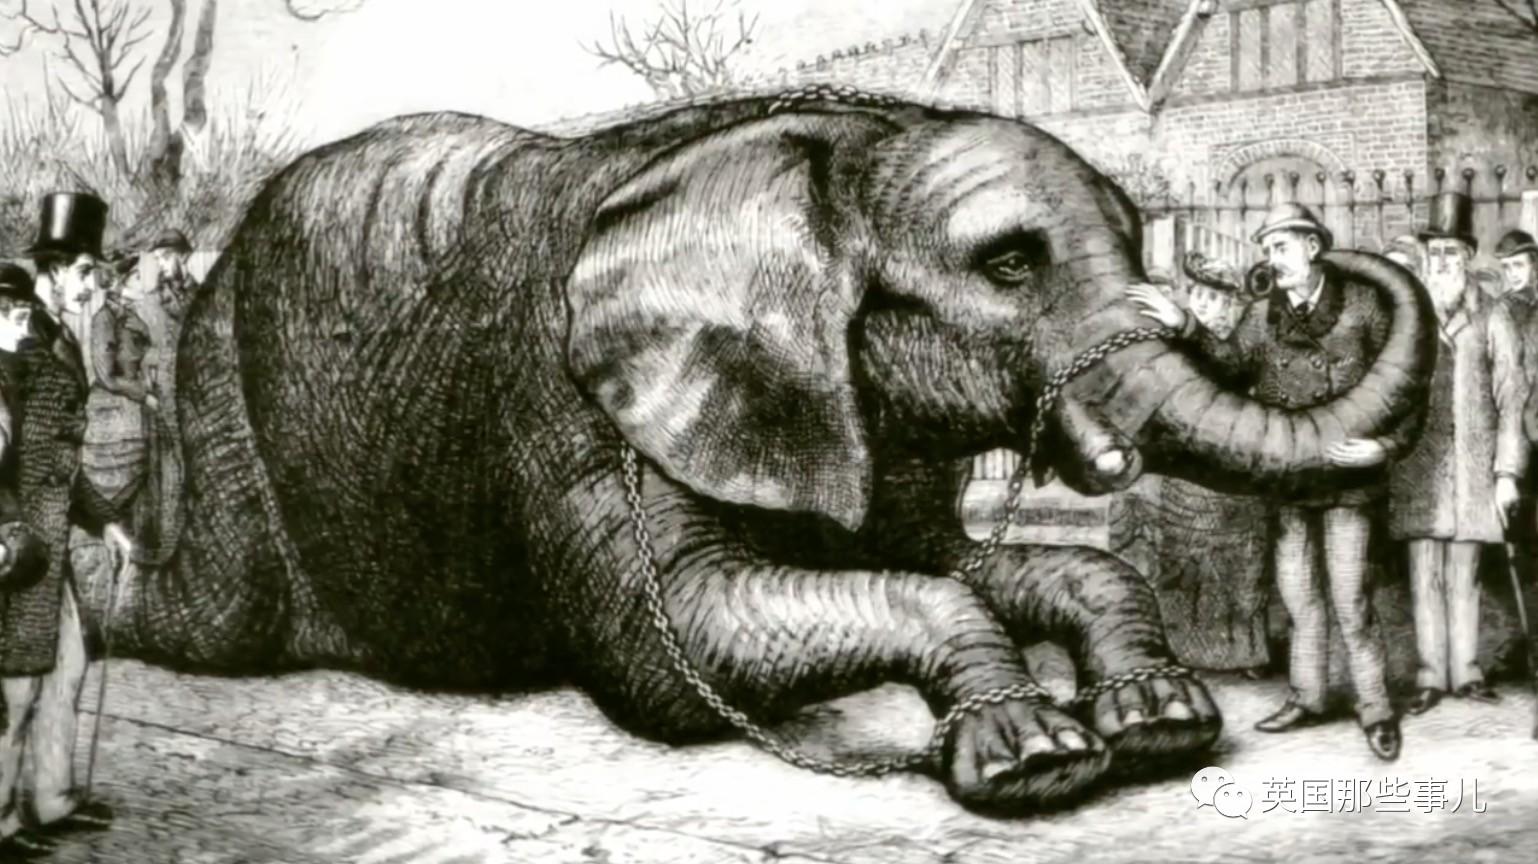 史上首个动物明星 从未伤害人类 也从未被温柔相待